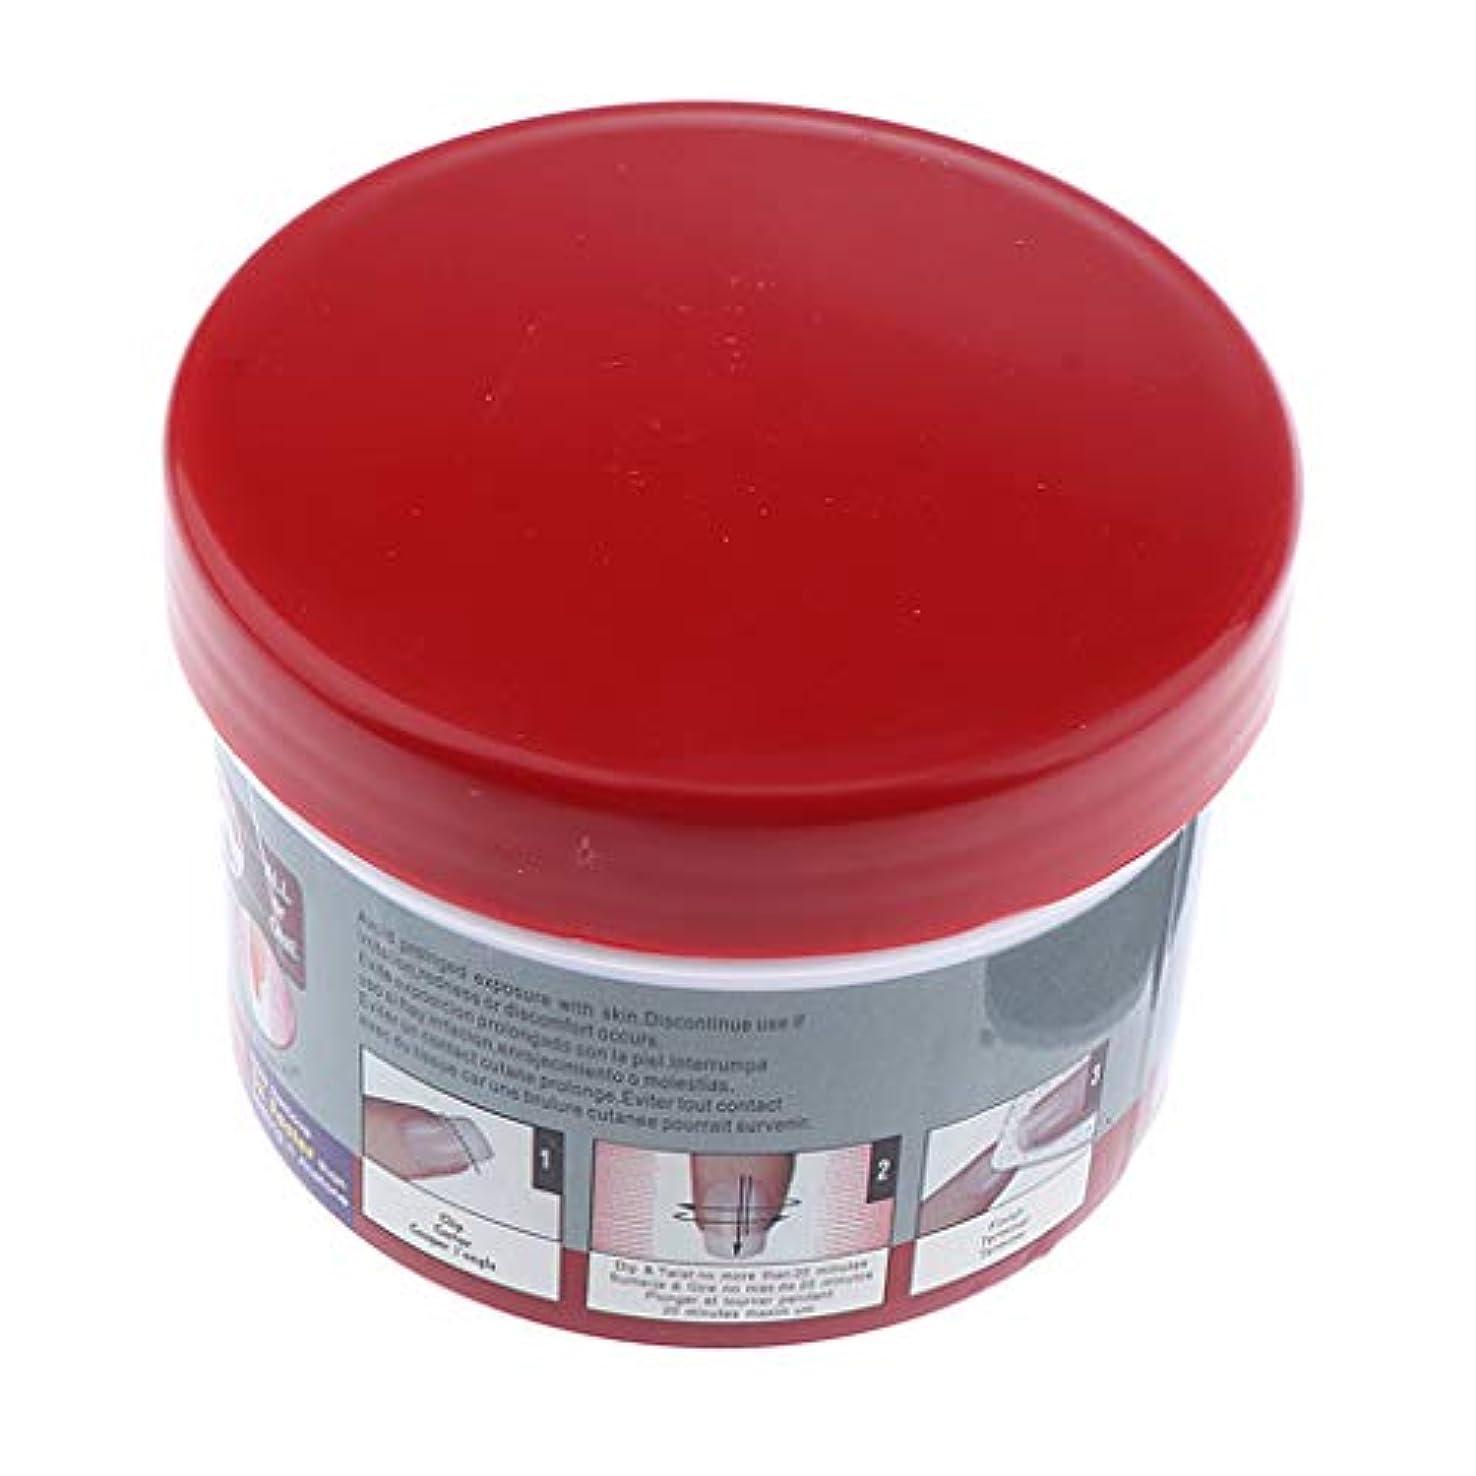 ミット九月運動空の容器クリーンマニキュアリムーバー液体貯蔵ボトルネイルツール